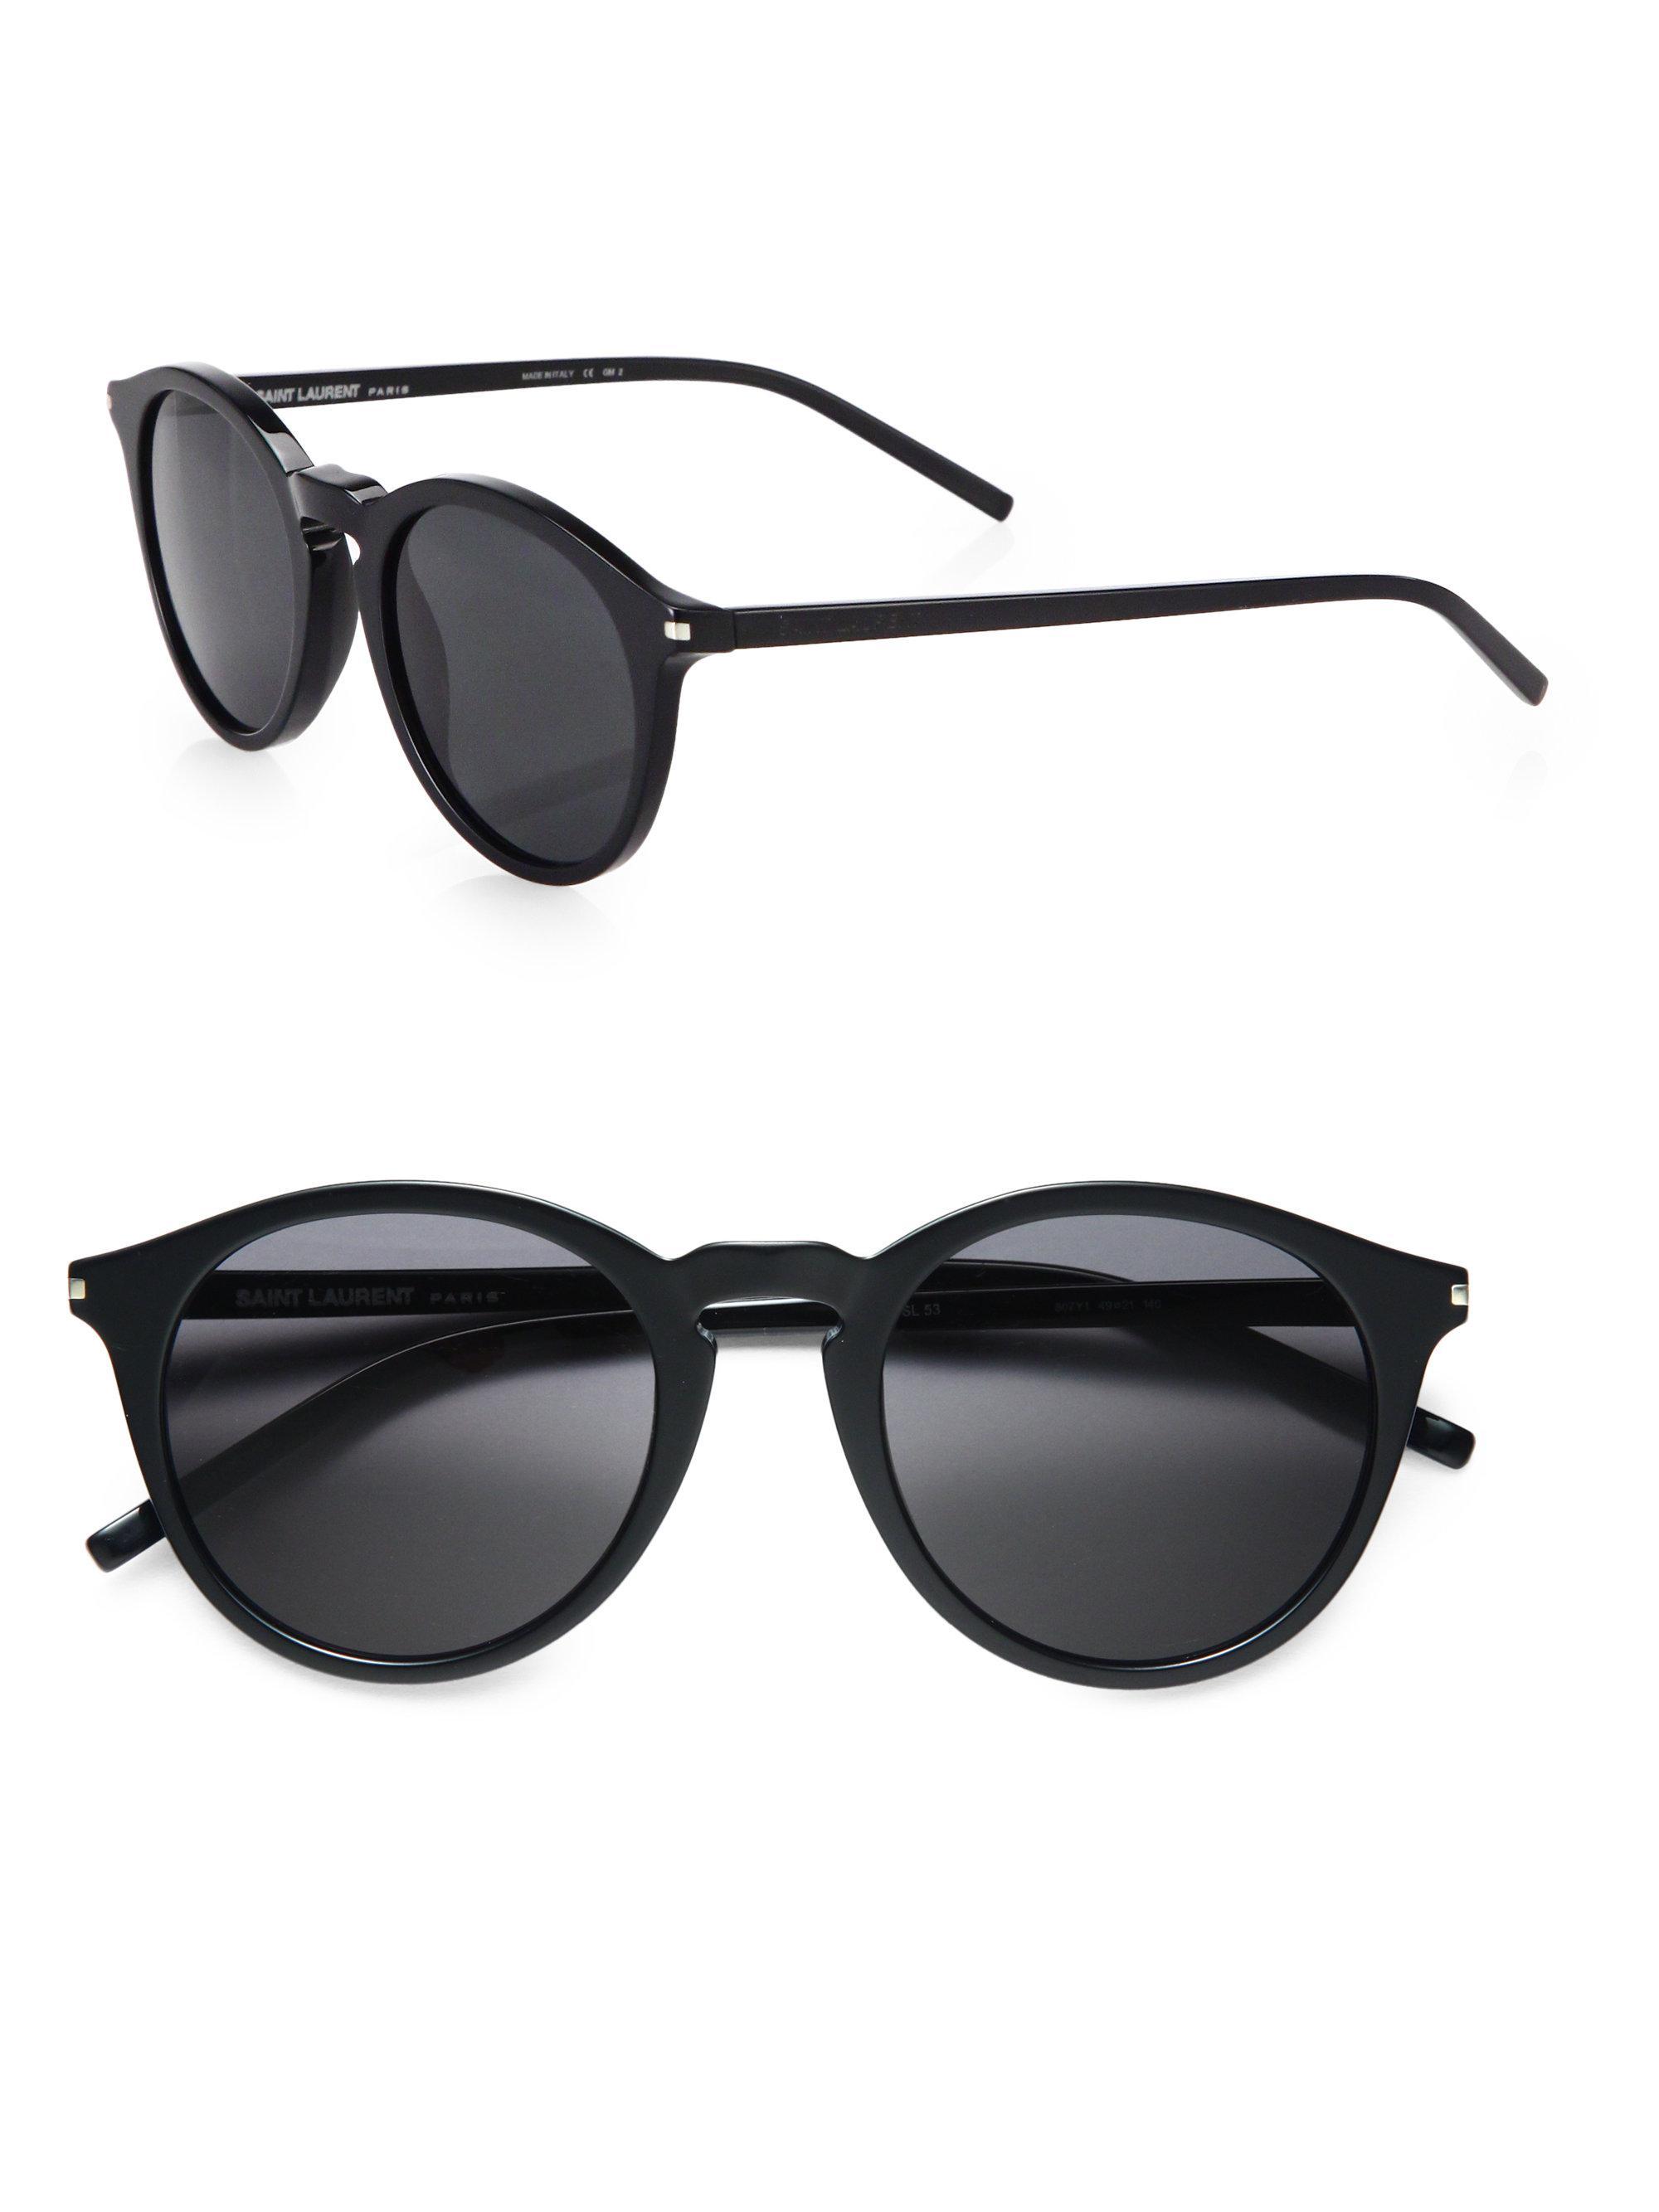 5d0b5aea4e Lyst - Saint laurent Acetate Round Sunglasses in Black for Men